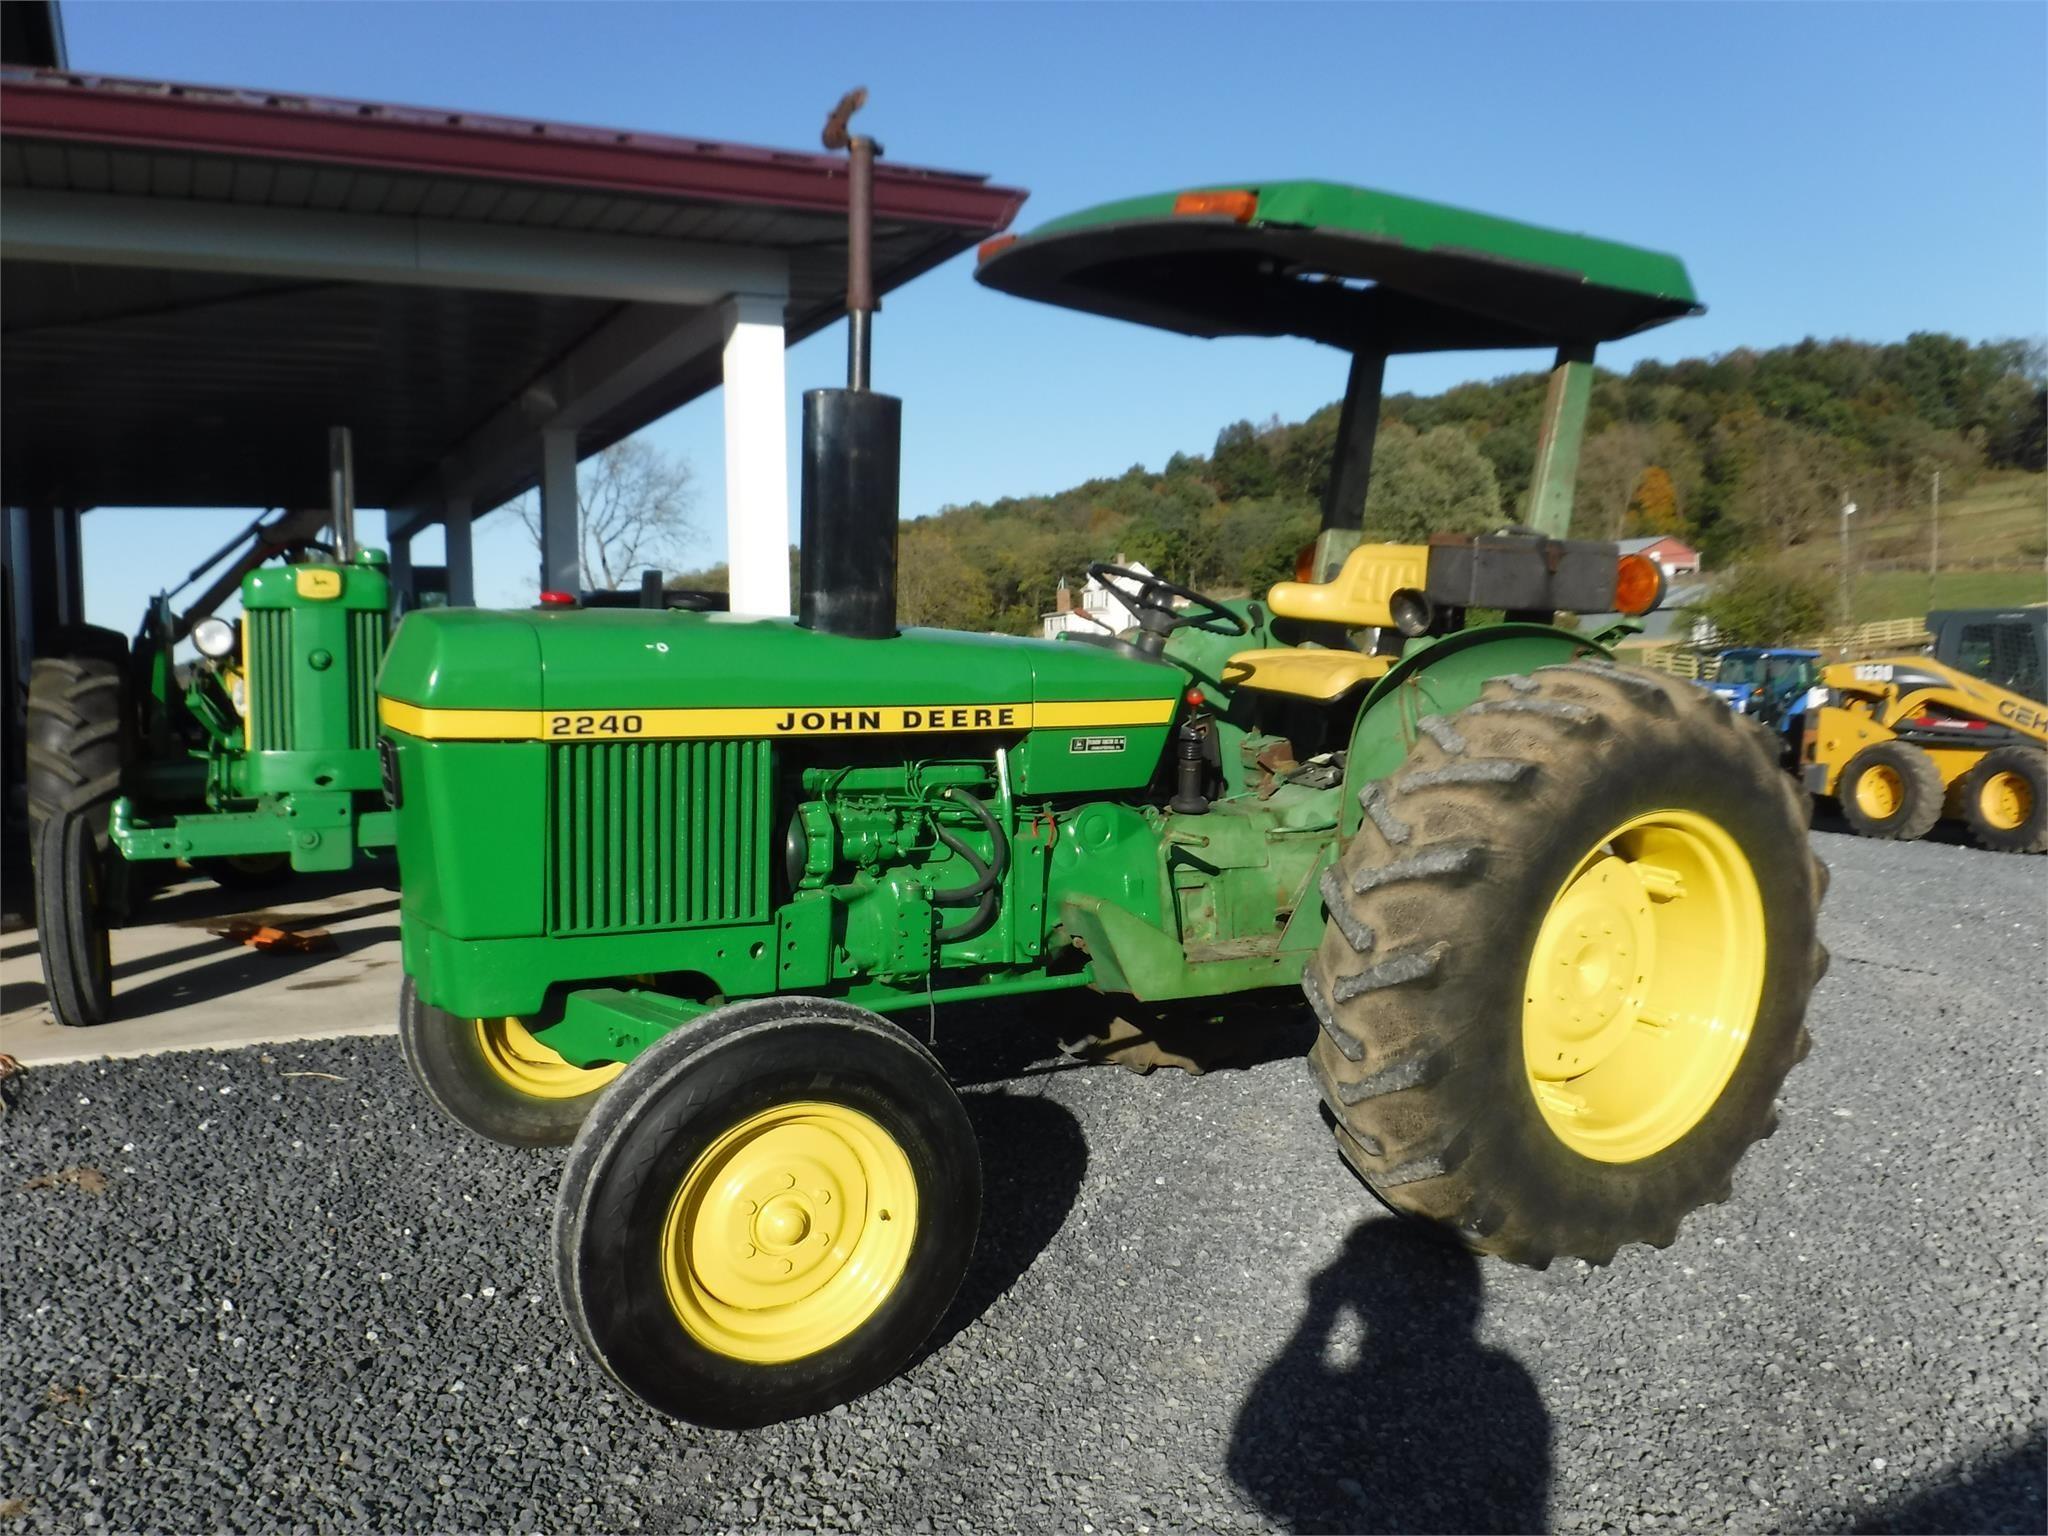 1976 John Deere 2240 Tractor